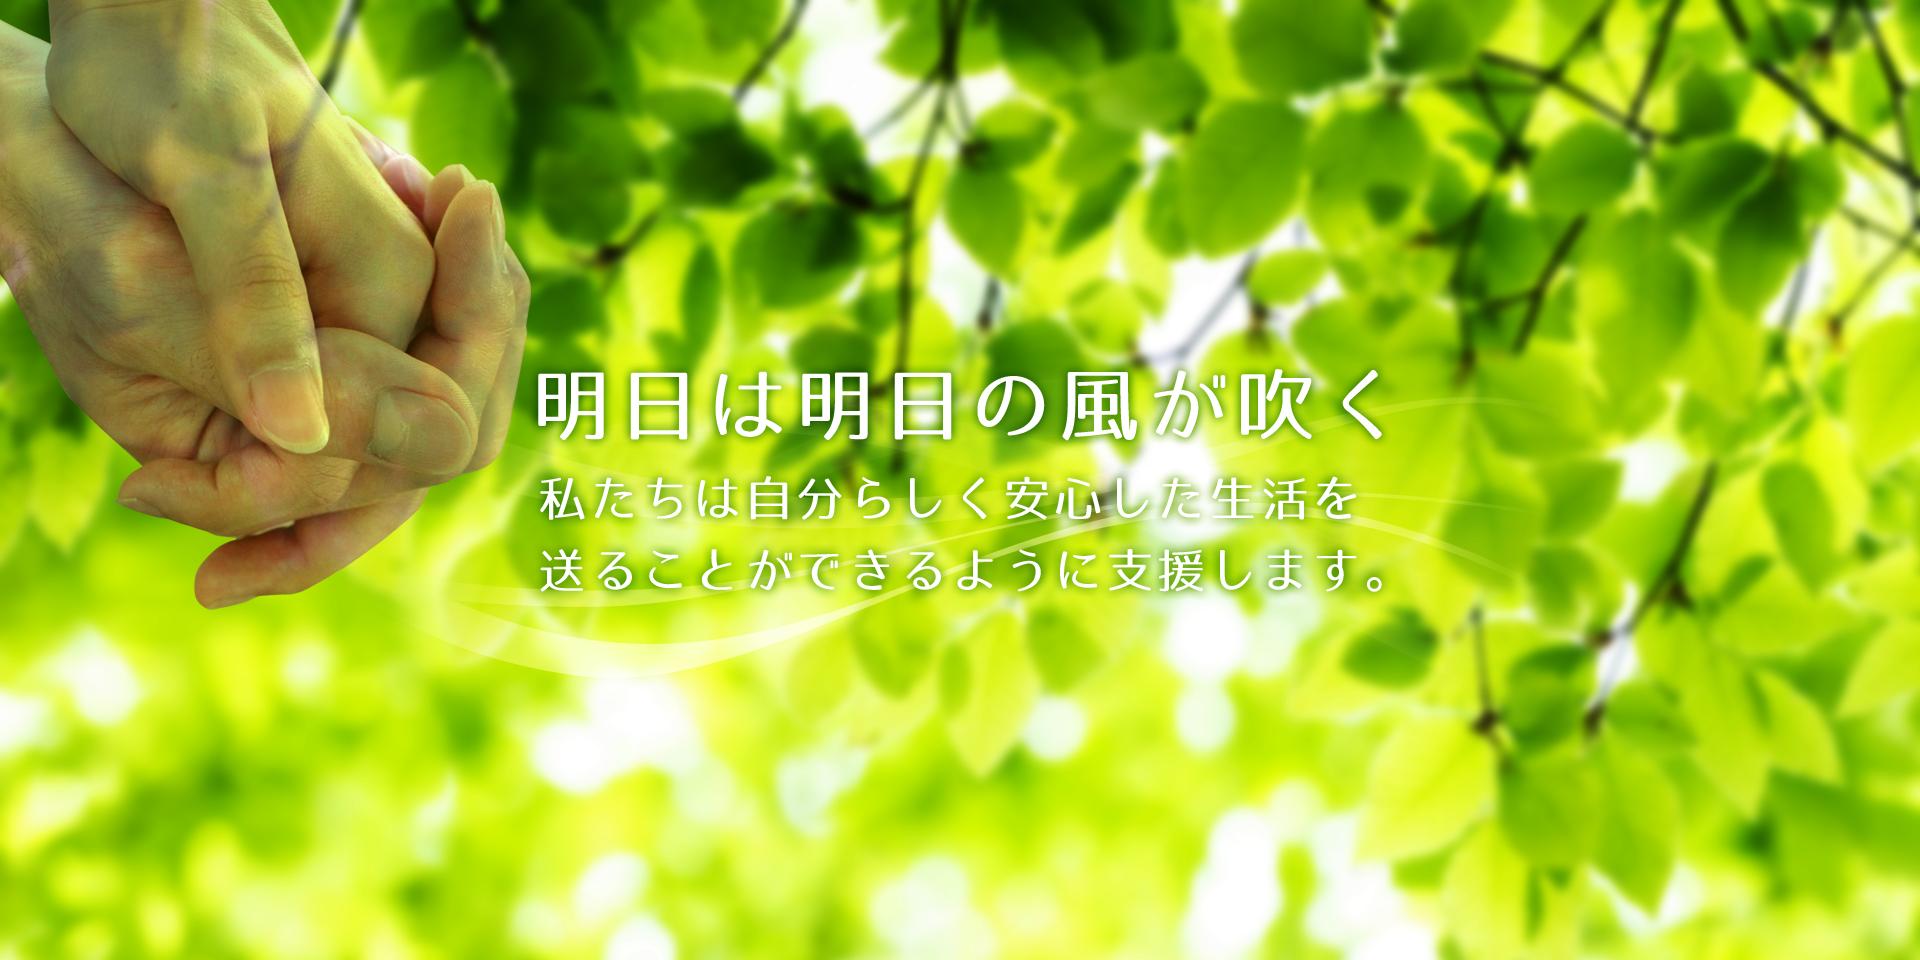 福島市 障がい者相談支援事業所 木もれ陽(NPO法人 陽だまりの道)